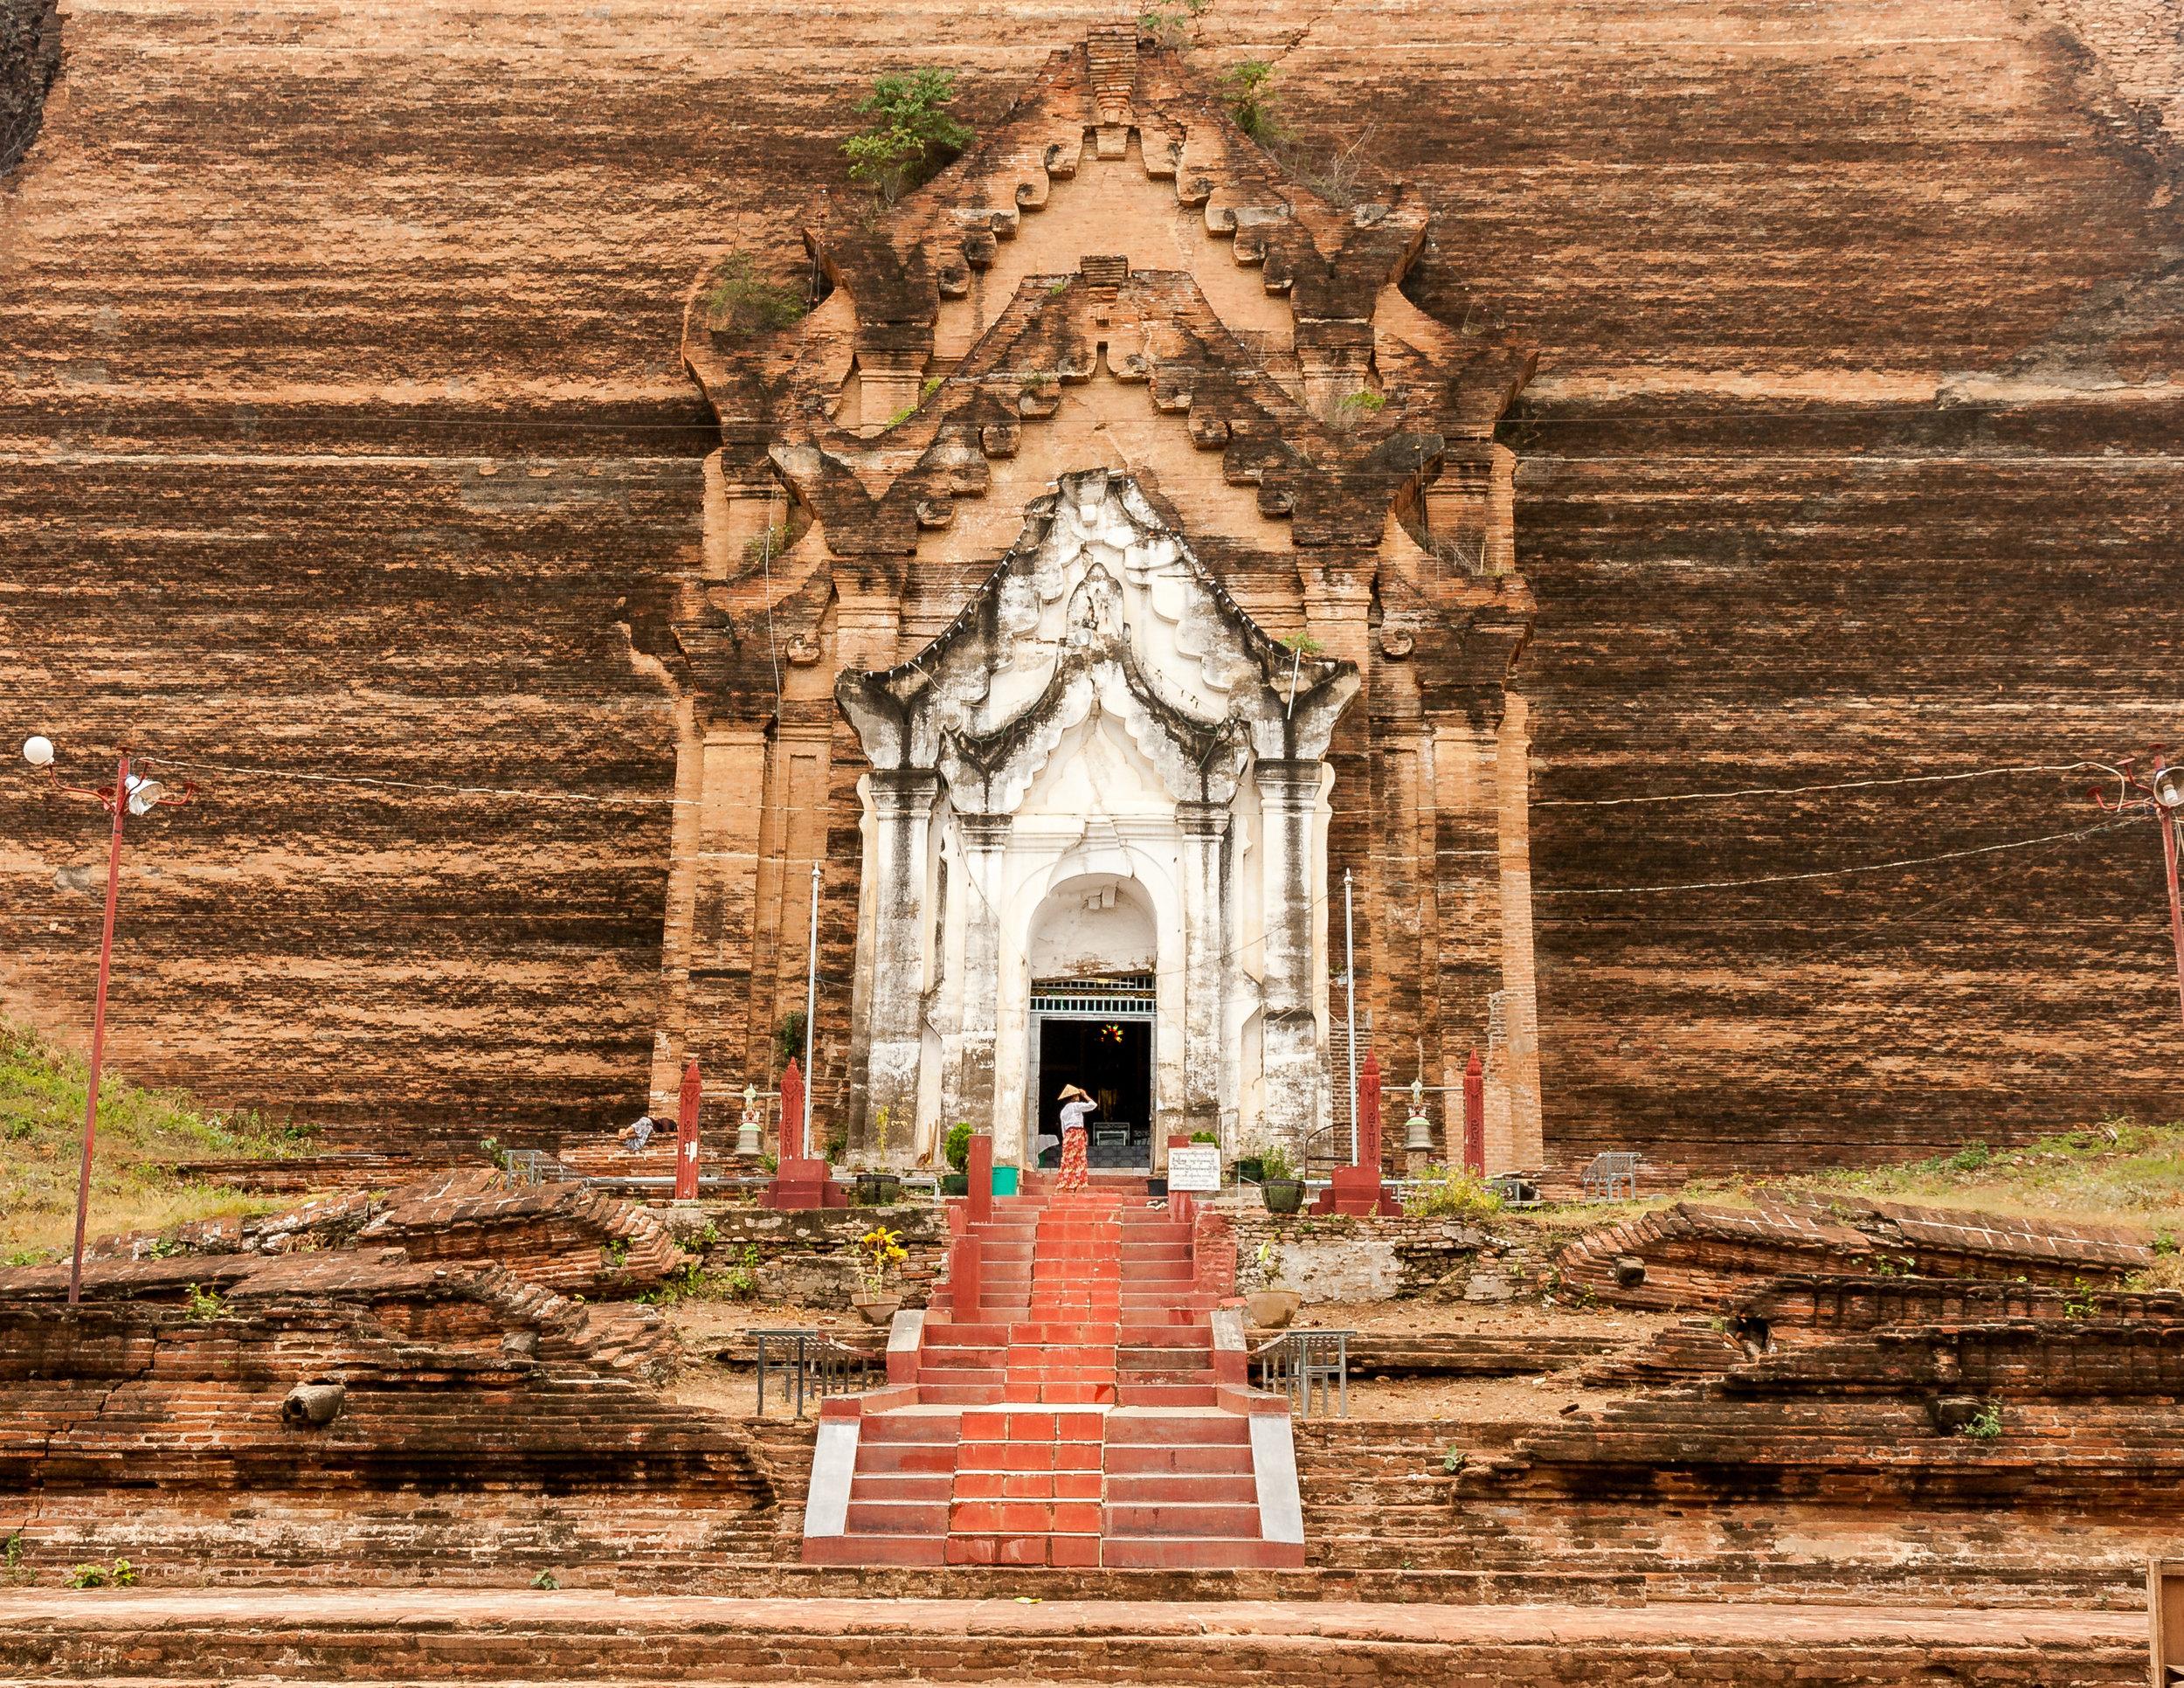 Mingun, Myanmar (Burma)